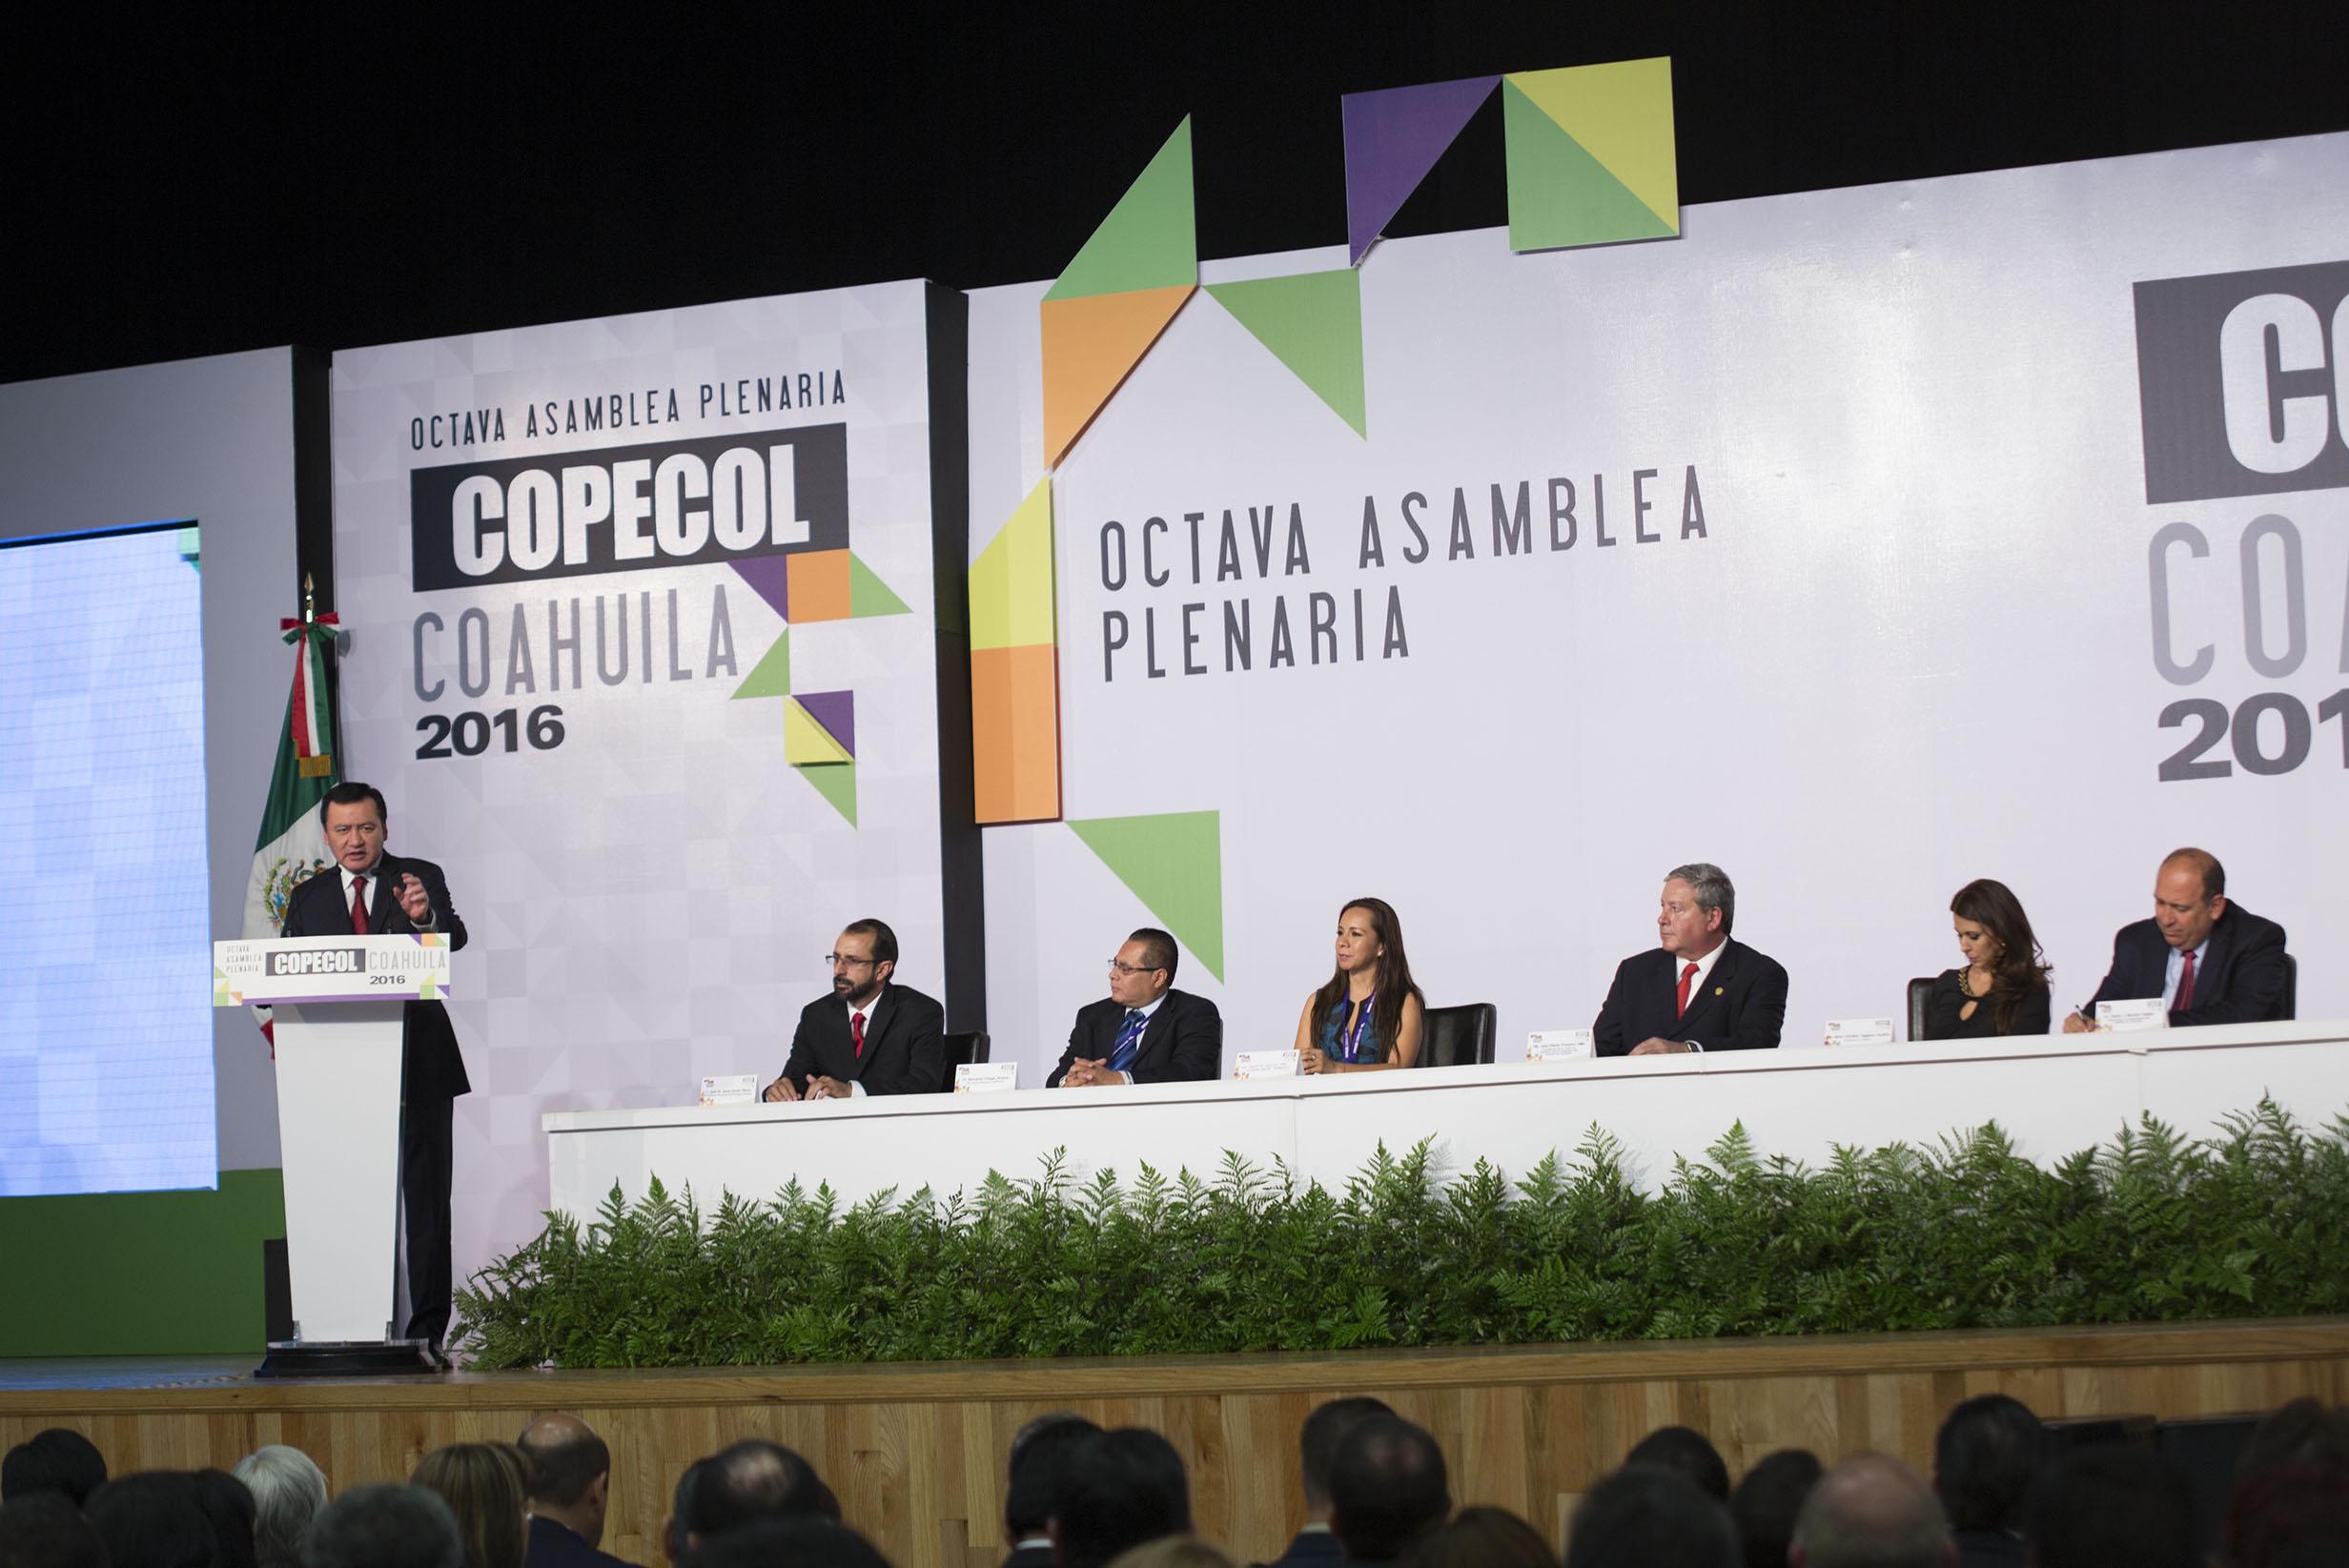 El Secretario de Gobernación, Miguel Ángel Osorio Chong, durante la Octava Asamblea Plenaria de la Conferencia Permanente de Congresos Locales realizada en Arteaga, Coahuila.